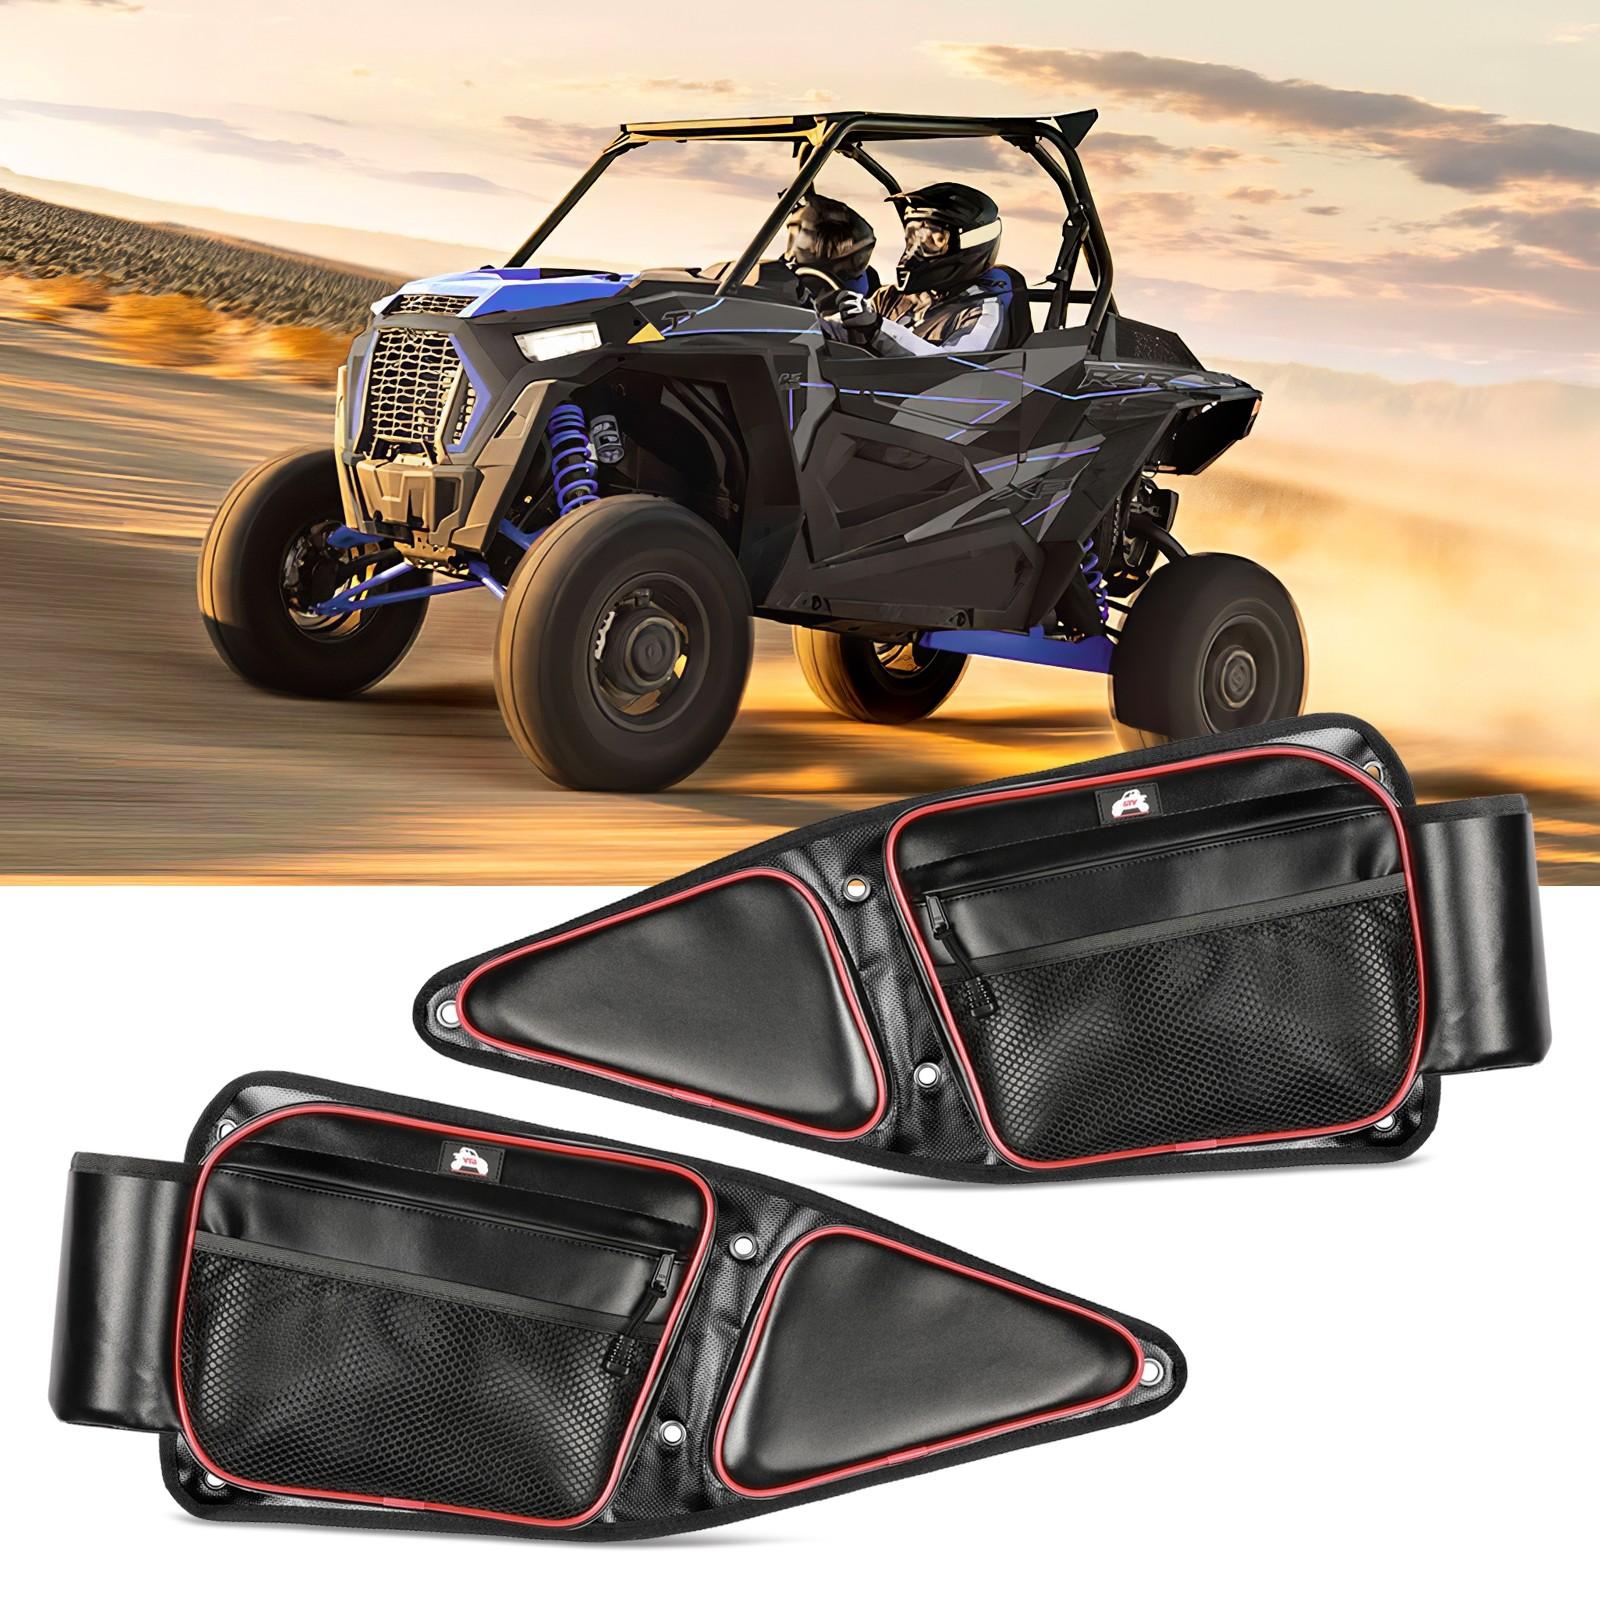 RZR Side Door Bags, OFFROADTOWN RZR Front Door Side Storage Bag with Knee Pad for 2014-2019 Polaris RZR XP Turbo 1000 900XC S900 570